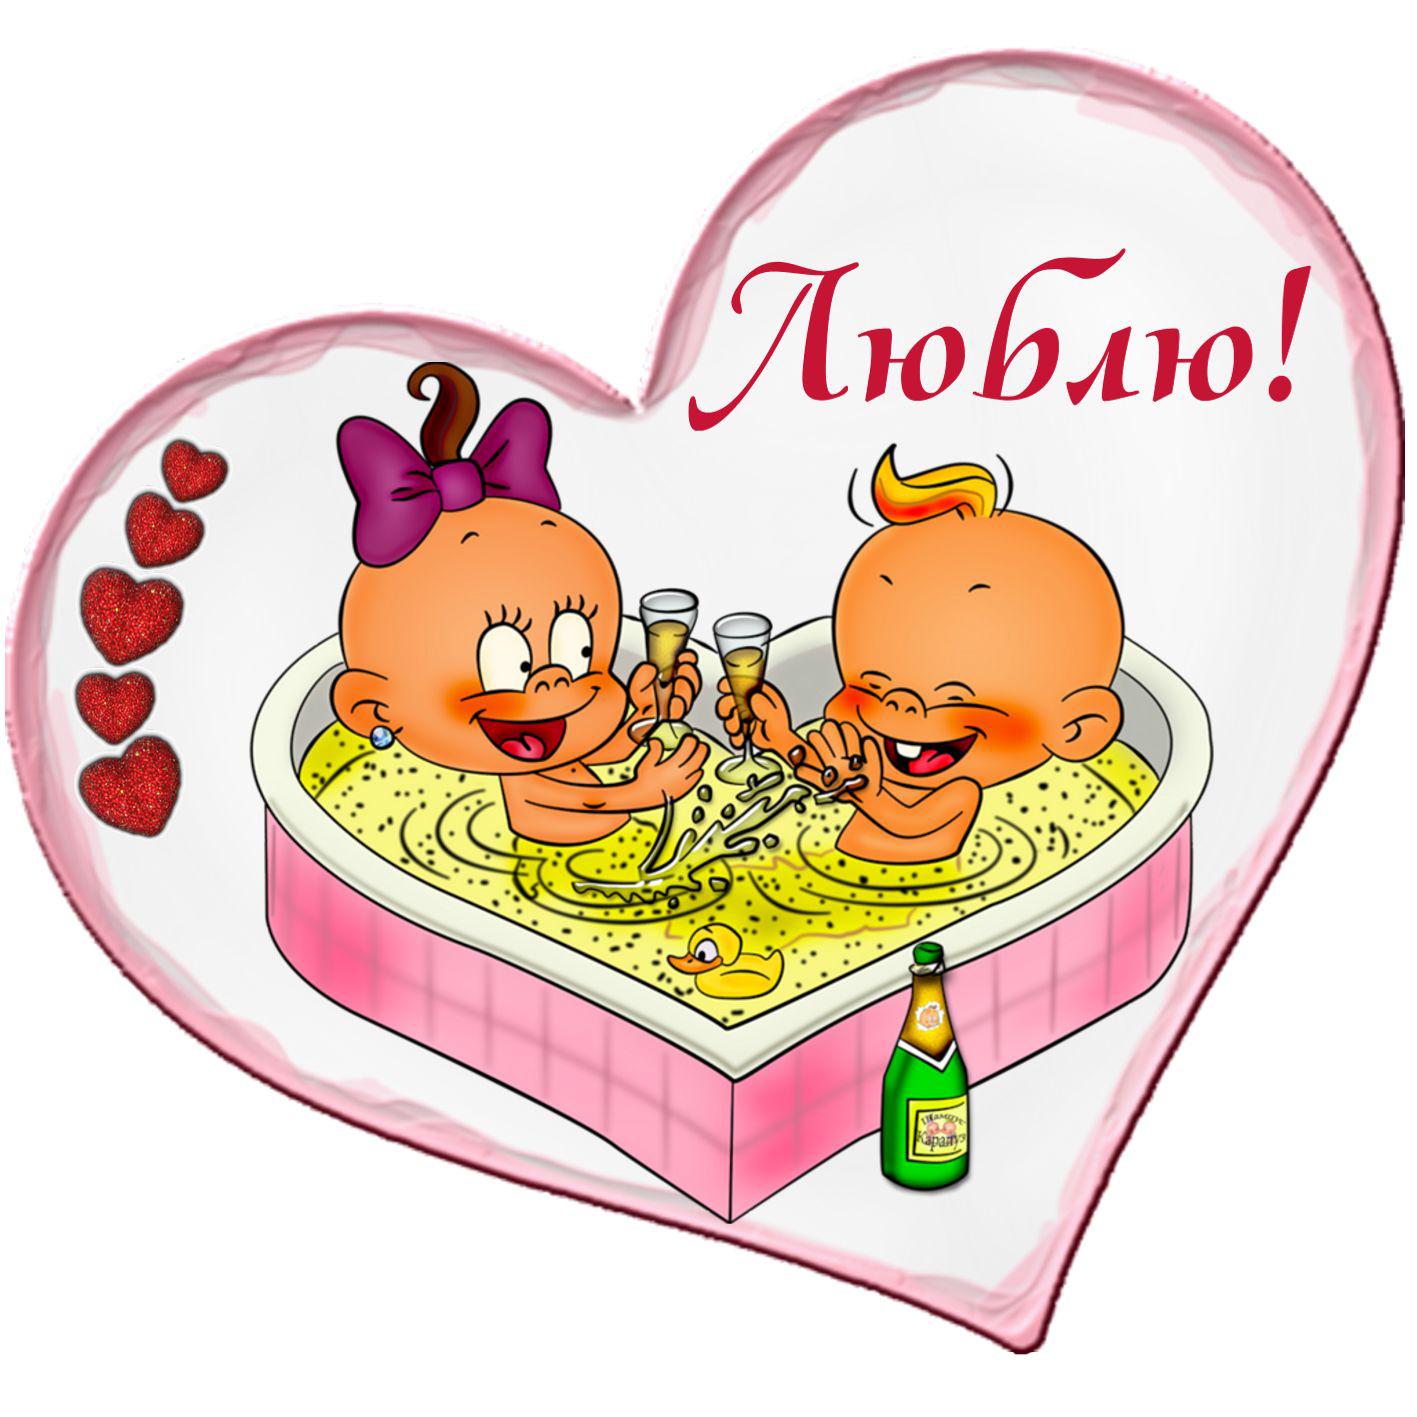 Валентинка - влюбленные в джакузи в форме сердца